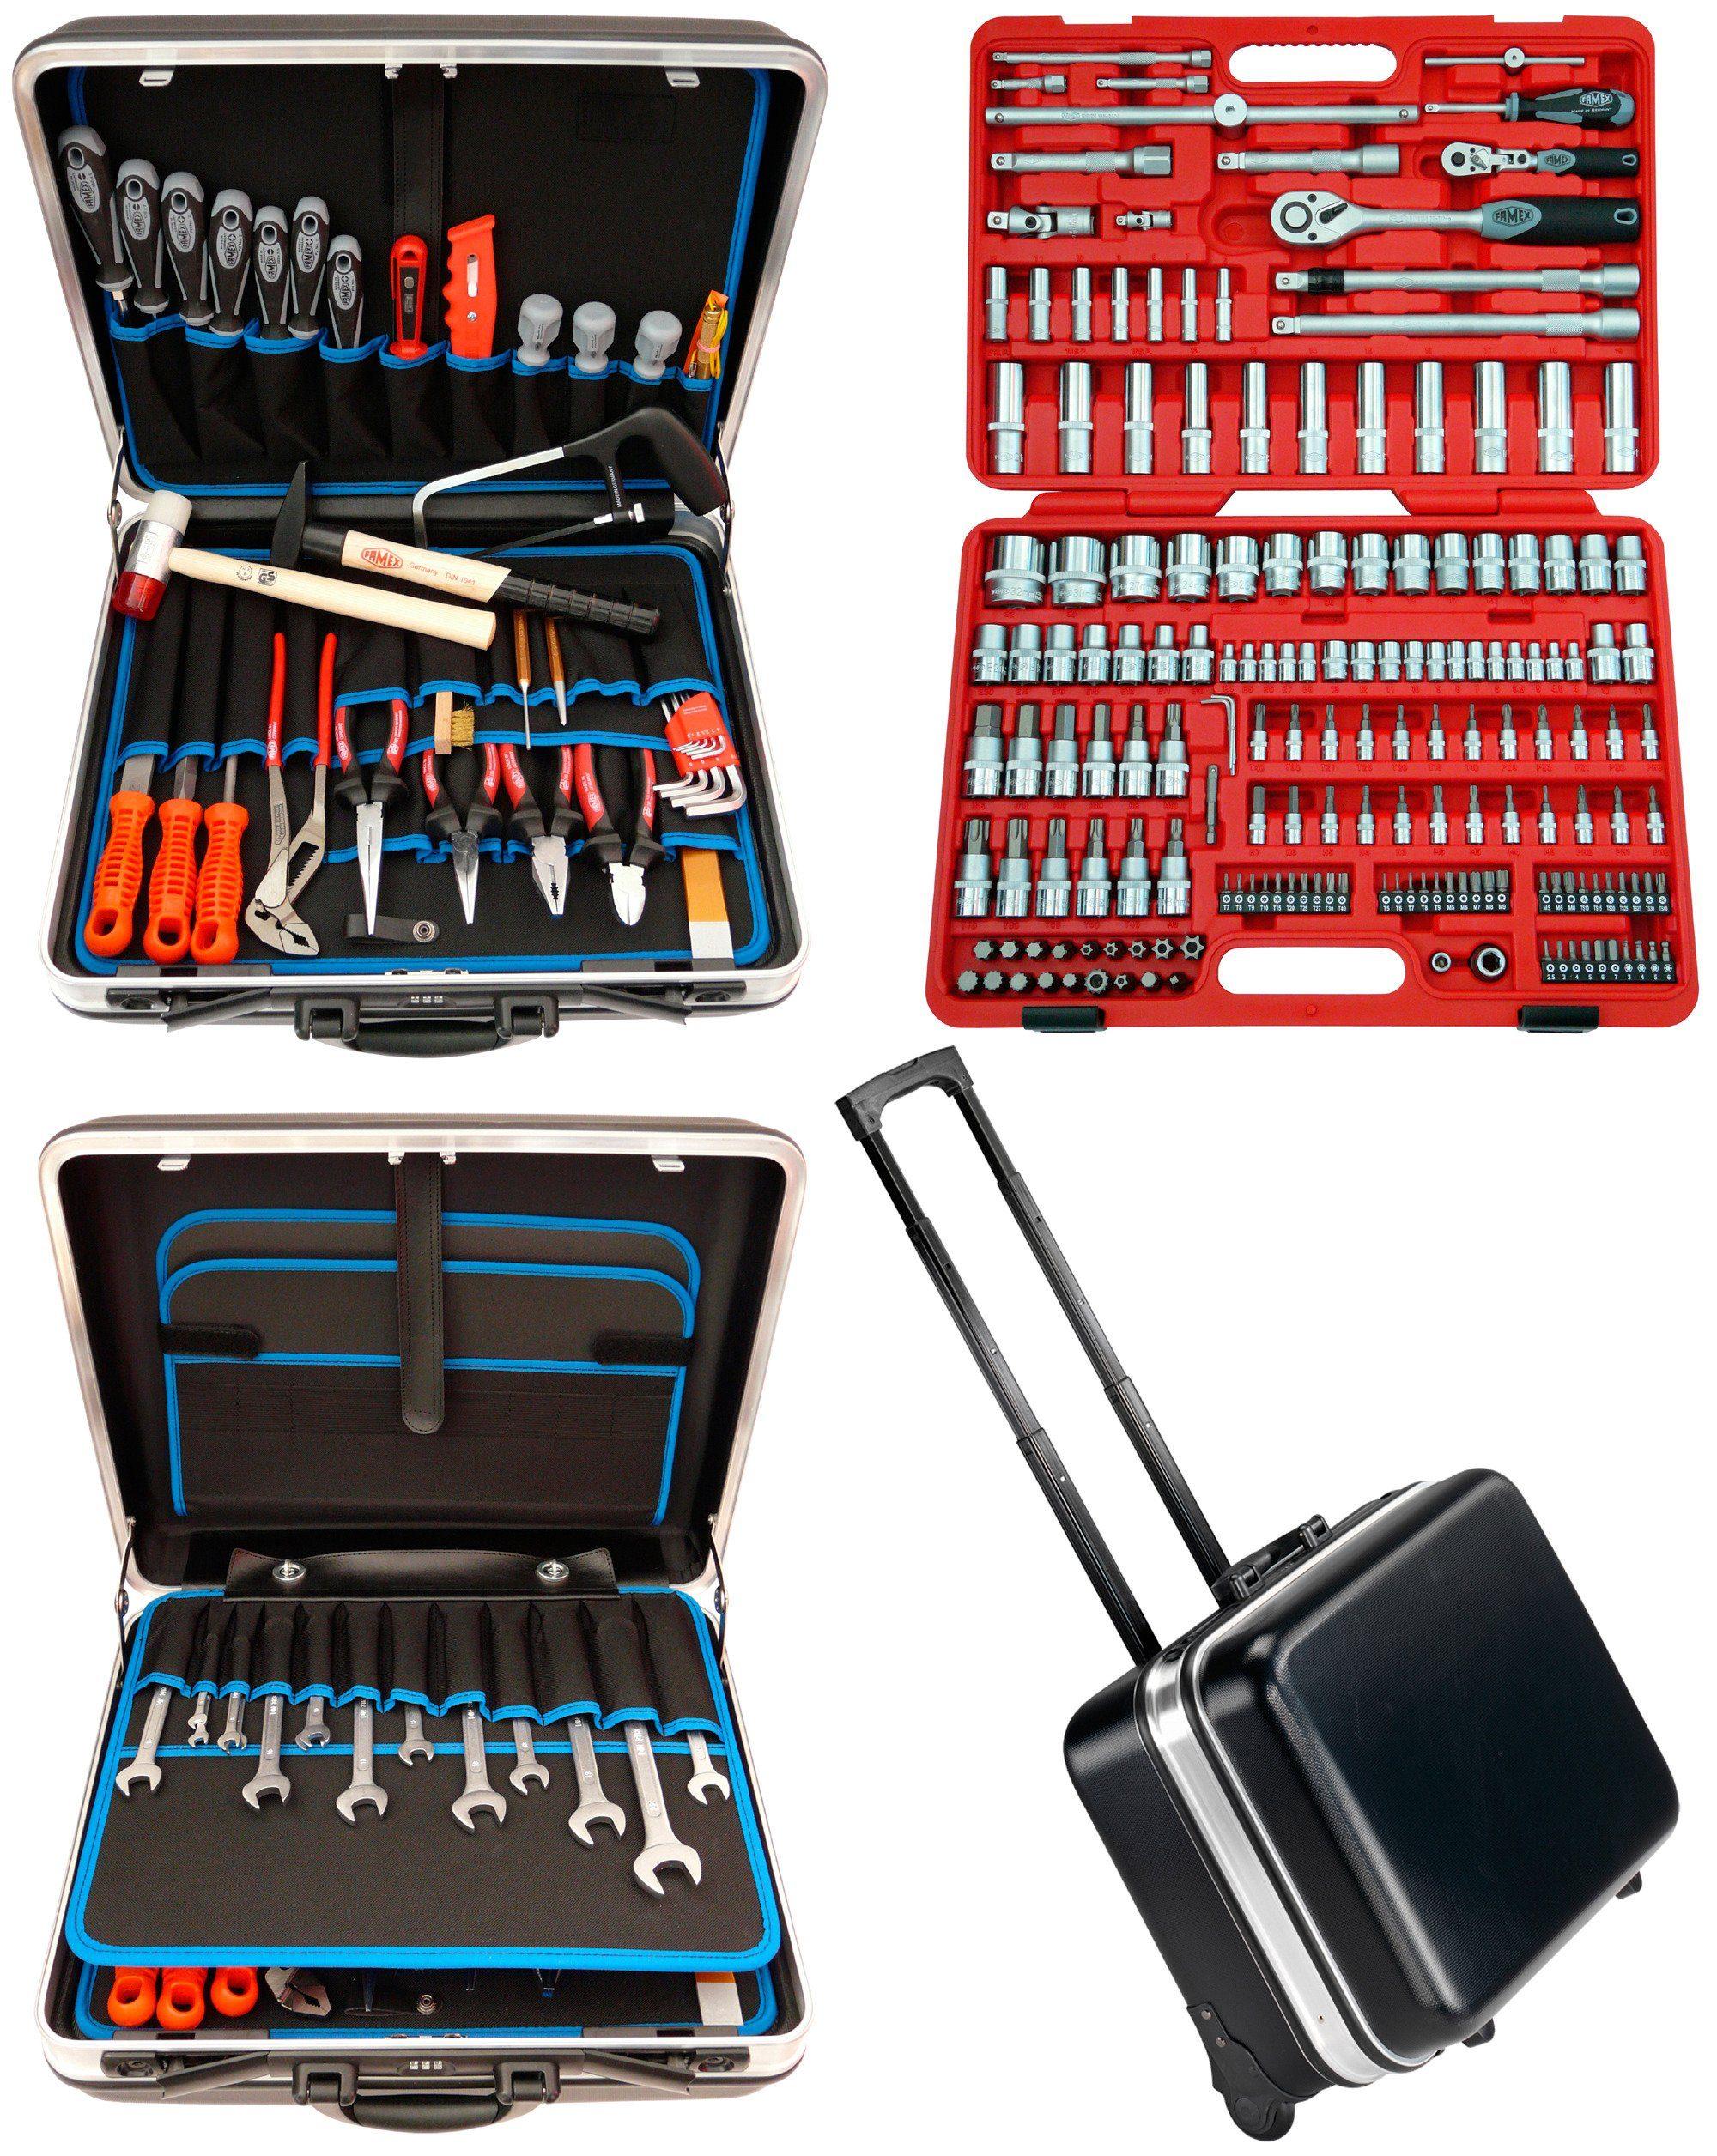 Famex Trolley ABS Werkzeugkoffer Set »Famex 606-09« mit 174tlg. Steckschlüsselsatz